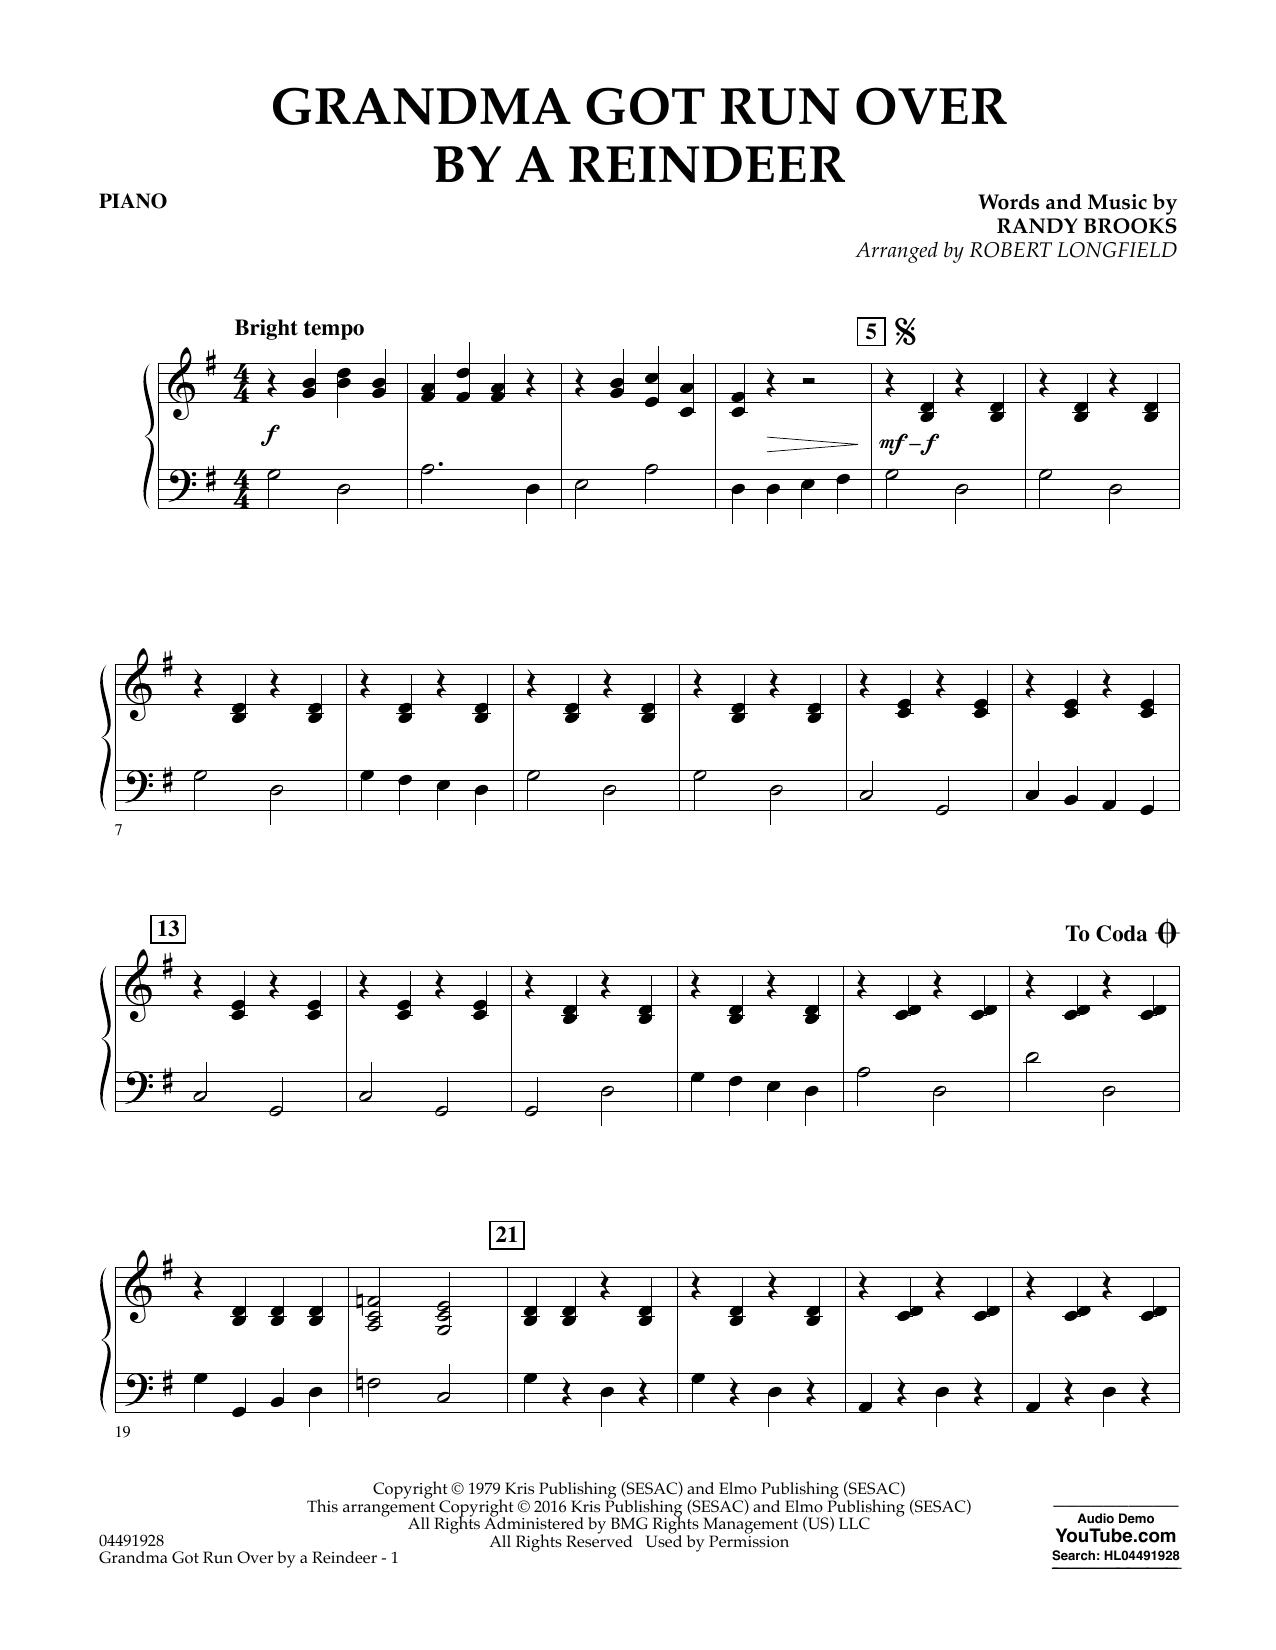 Grandma Got Run Over by a Reindeer - Piano Sheet Music